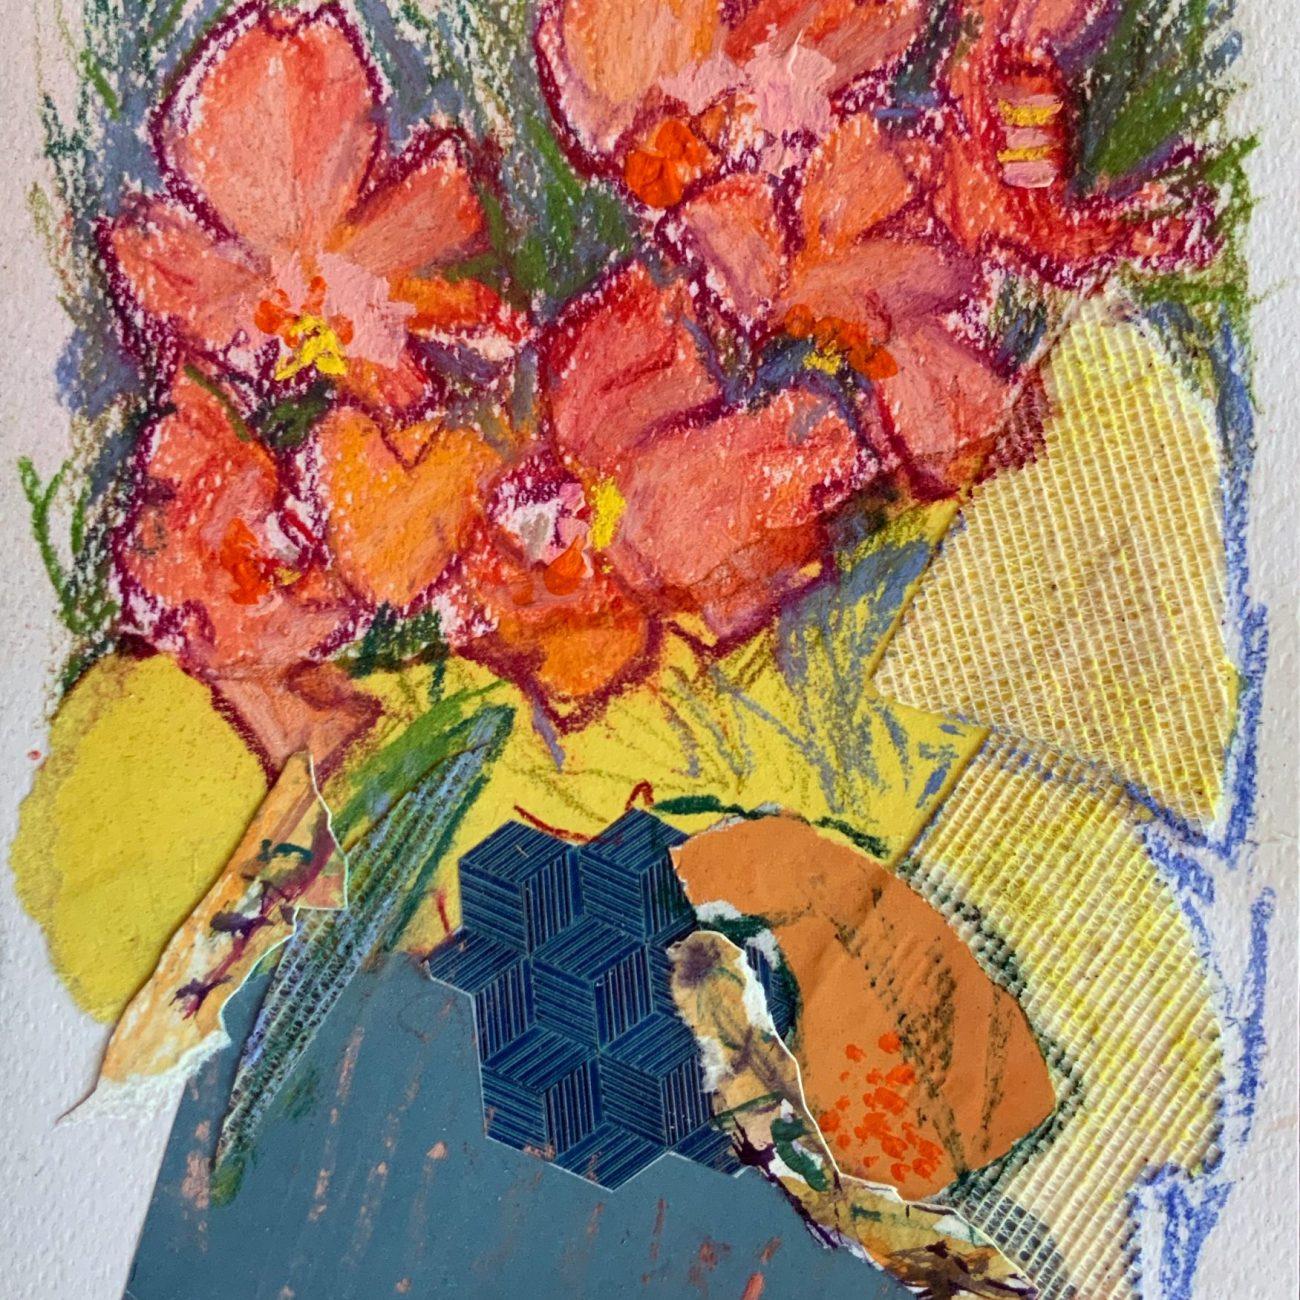 PEMBE KOLAJ 6 Teknik: Kağıt Üzeri Toz Pastel ve Kolaj Ölçü:17x24 cm. (29x36 cm. çerçeveli) Fiyat : 885 TL